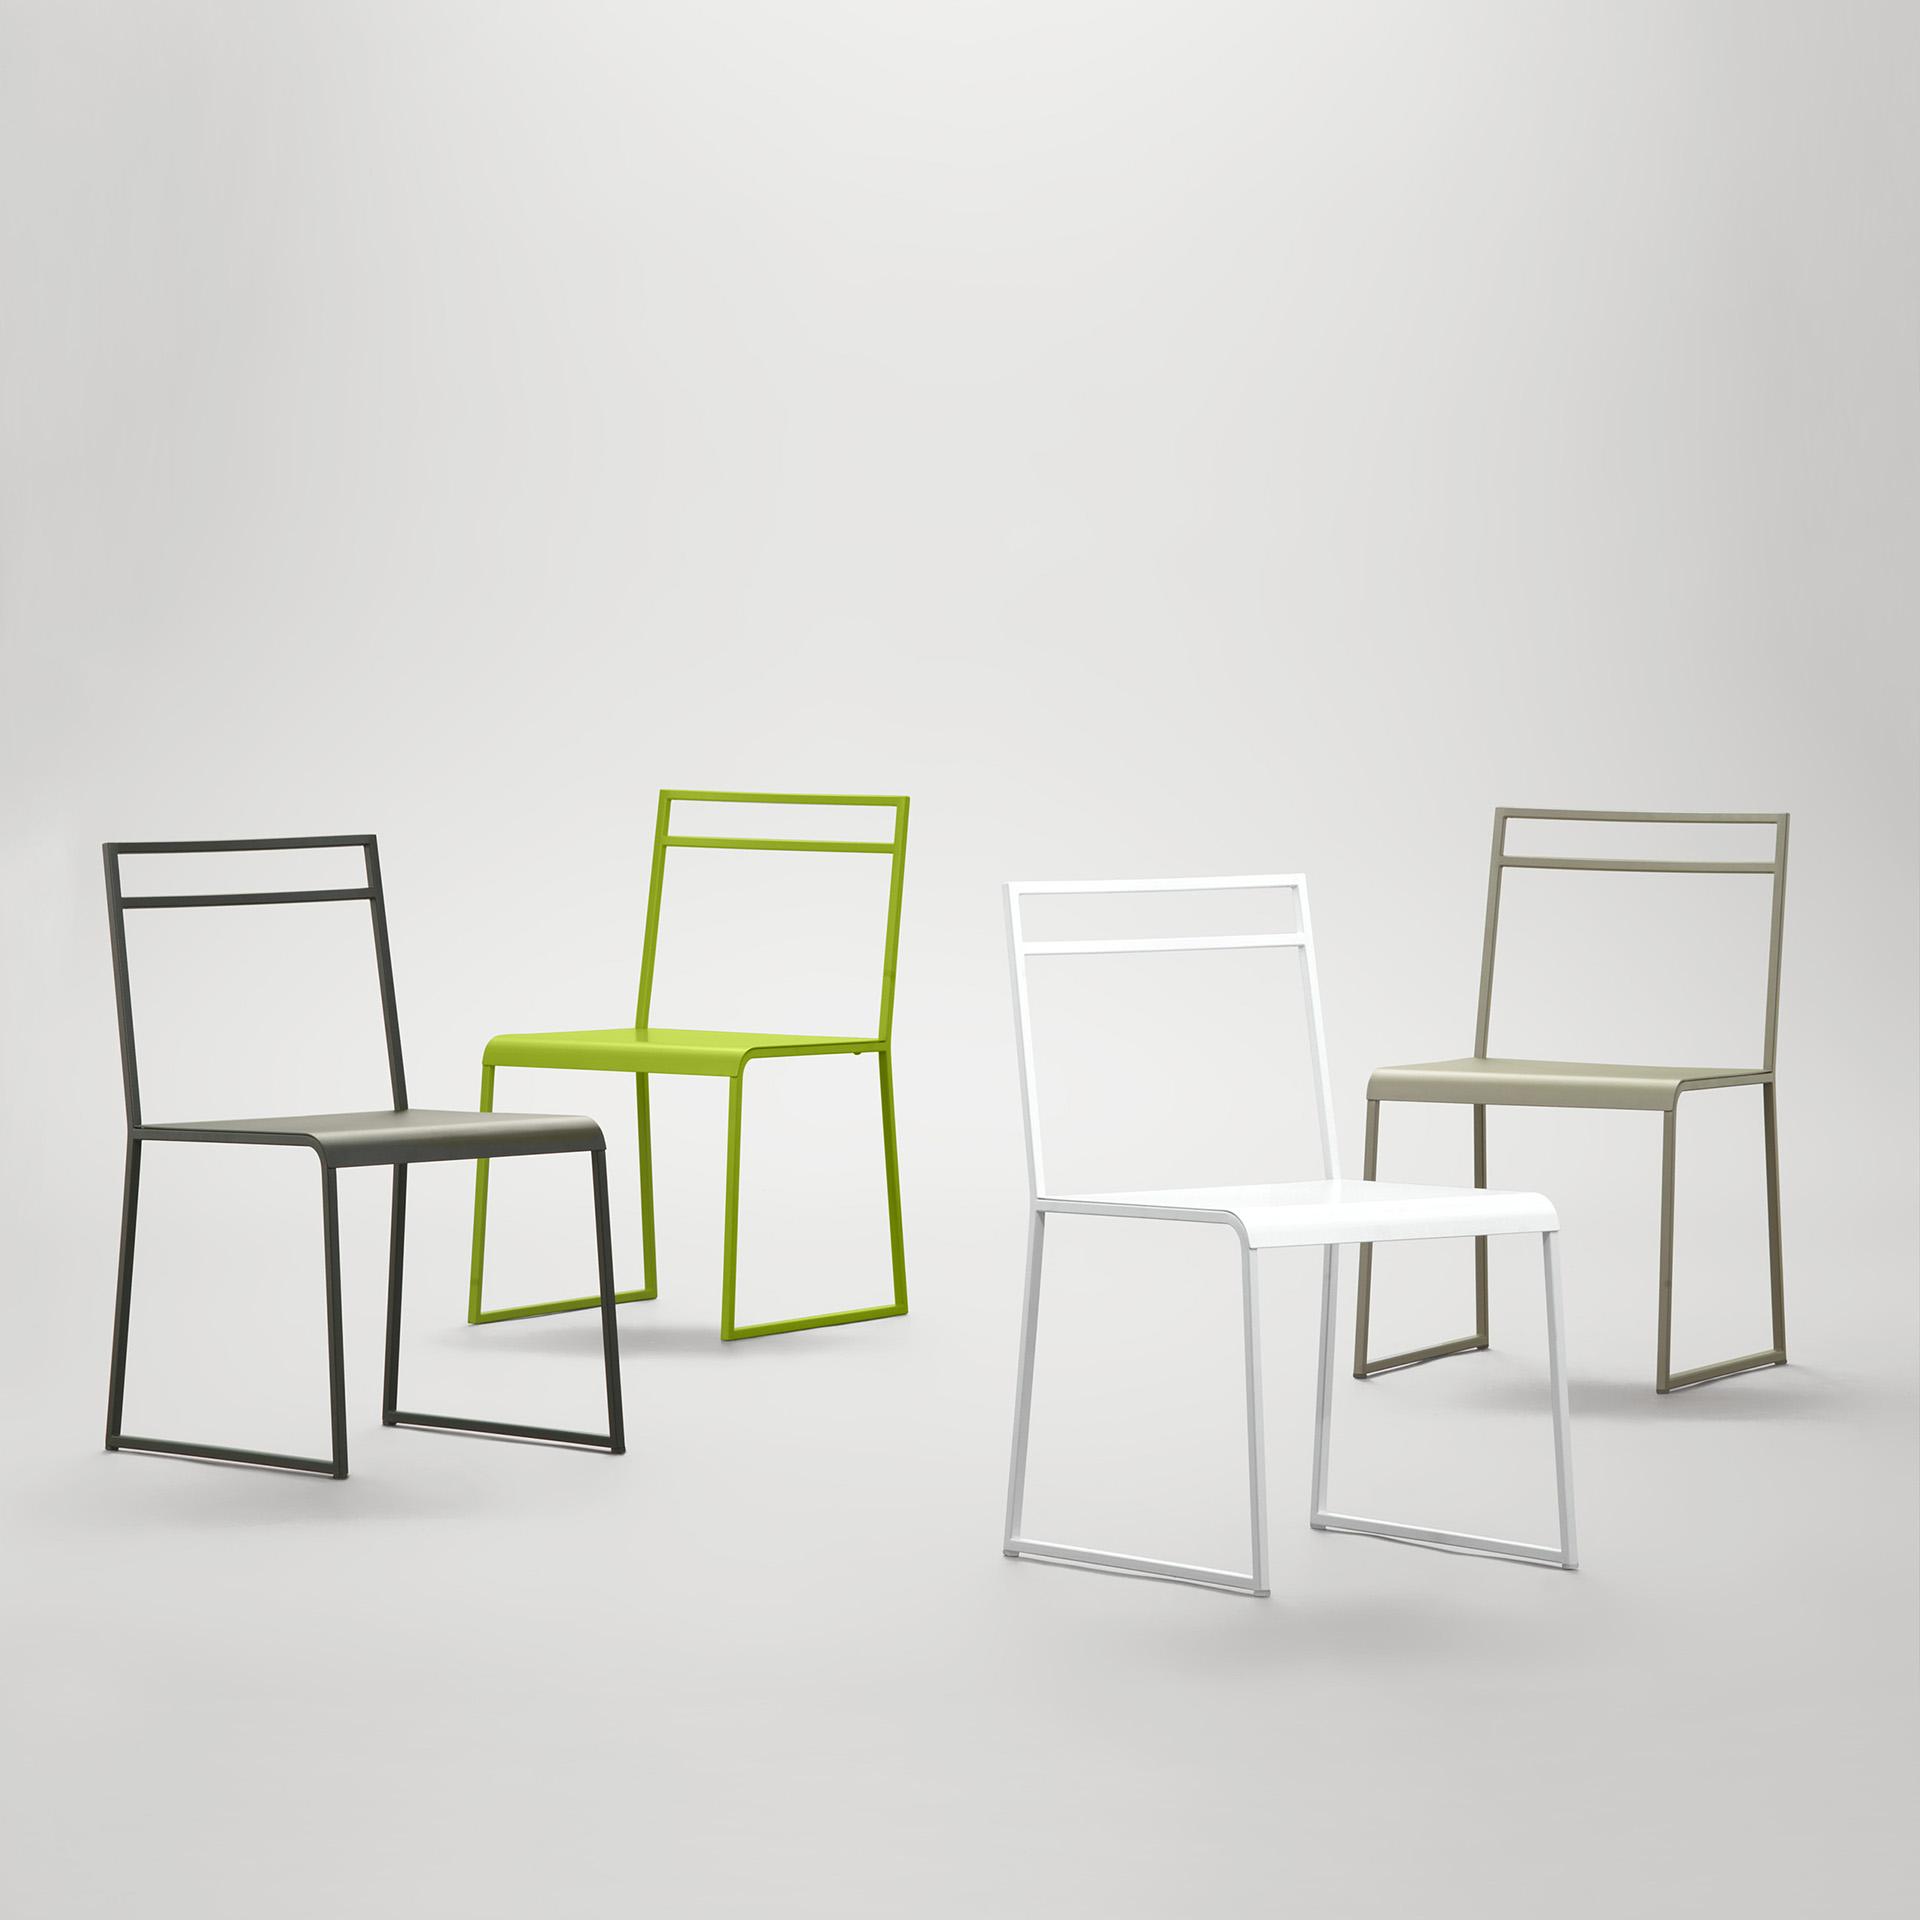 Sedia contemporanea in metallo Shere design Luca Casini